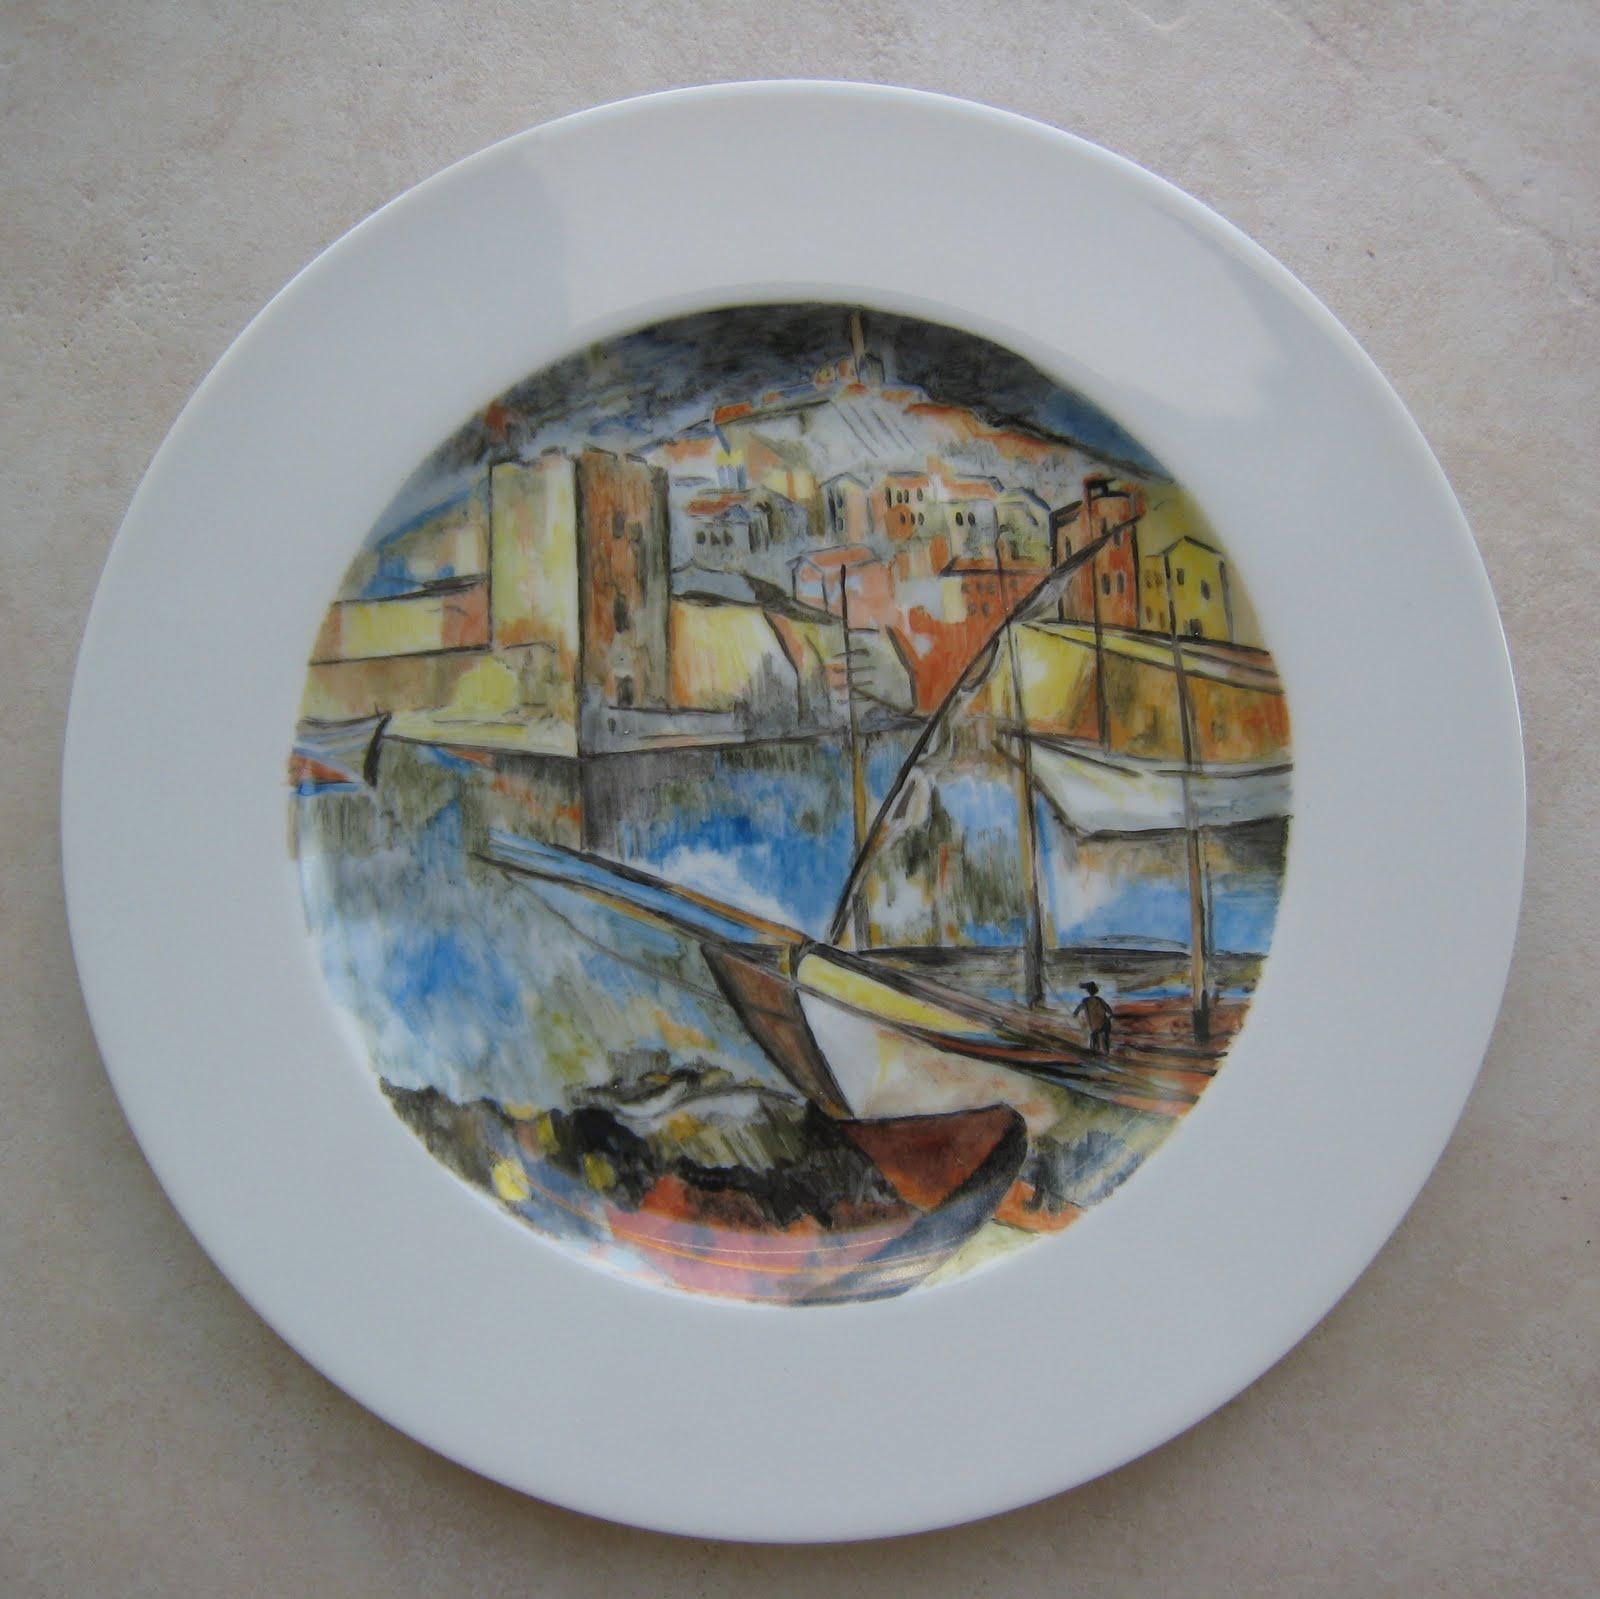 Peinture Sur Porcelaine Assiette vagualair: peintures sur porcelaine